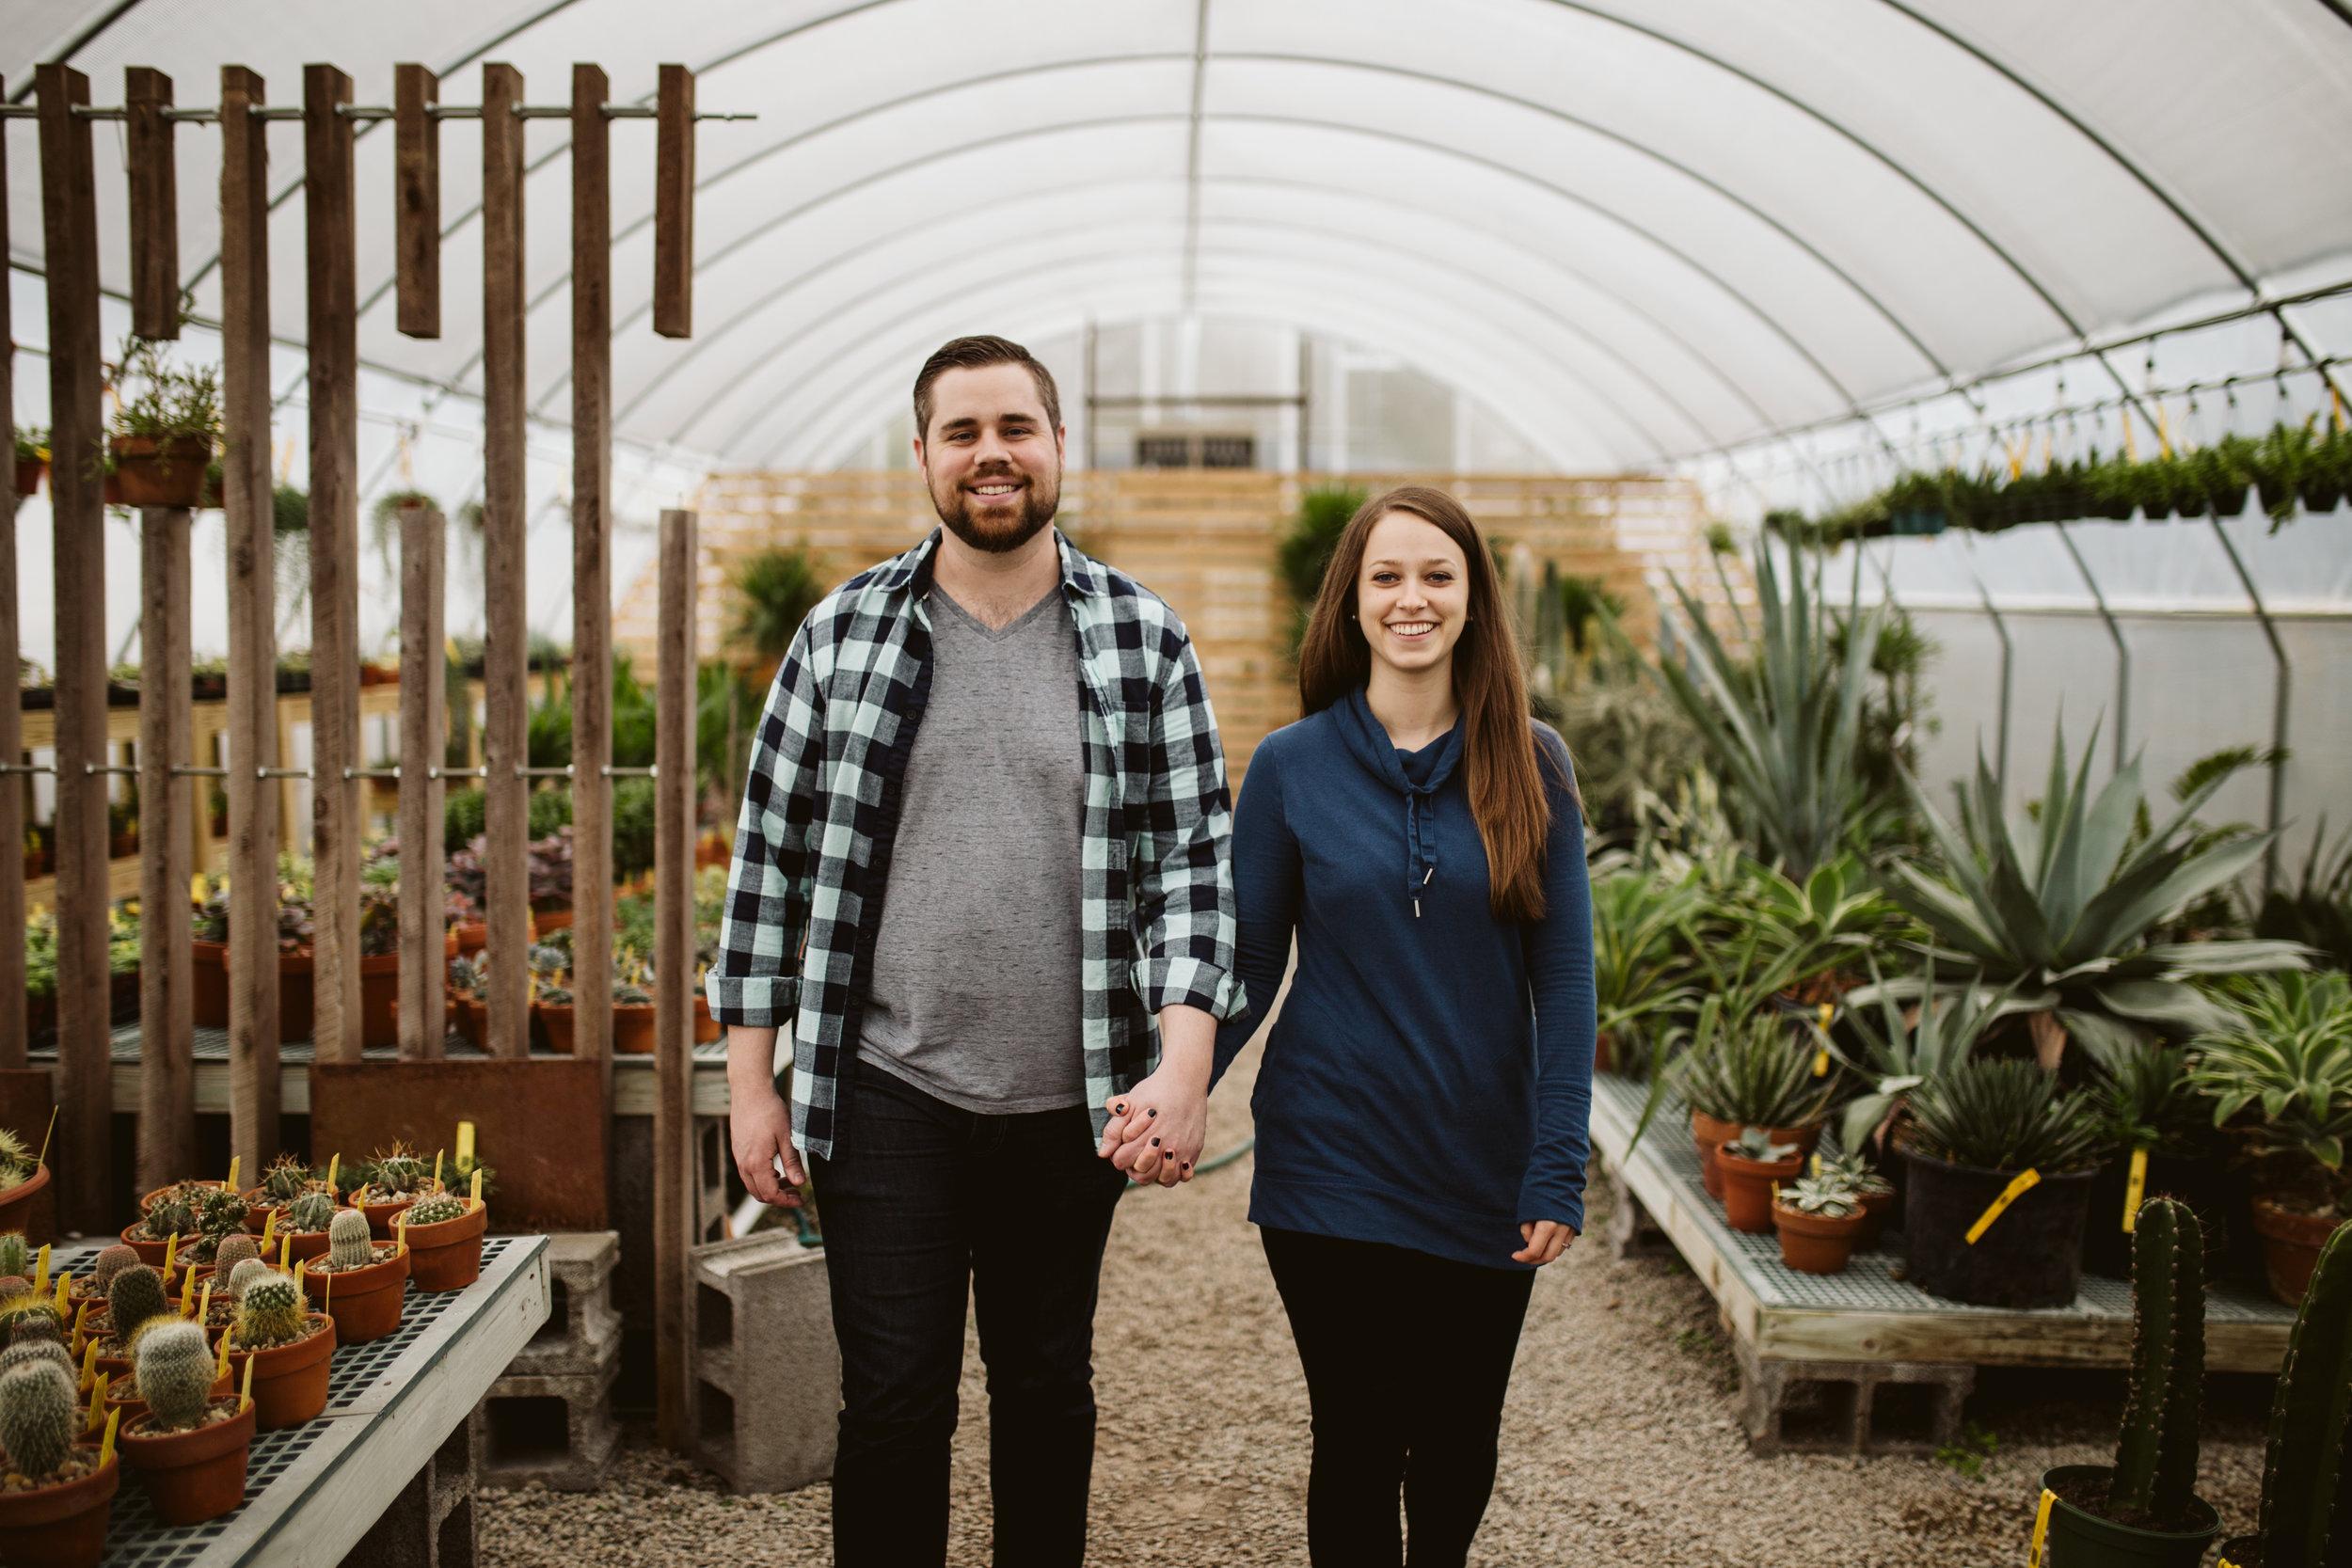 hewitt garden center engagement